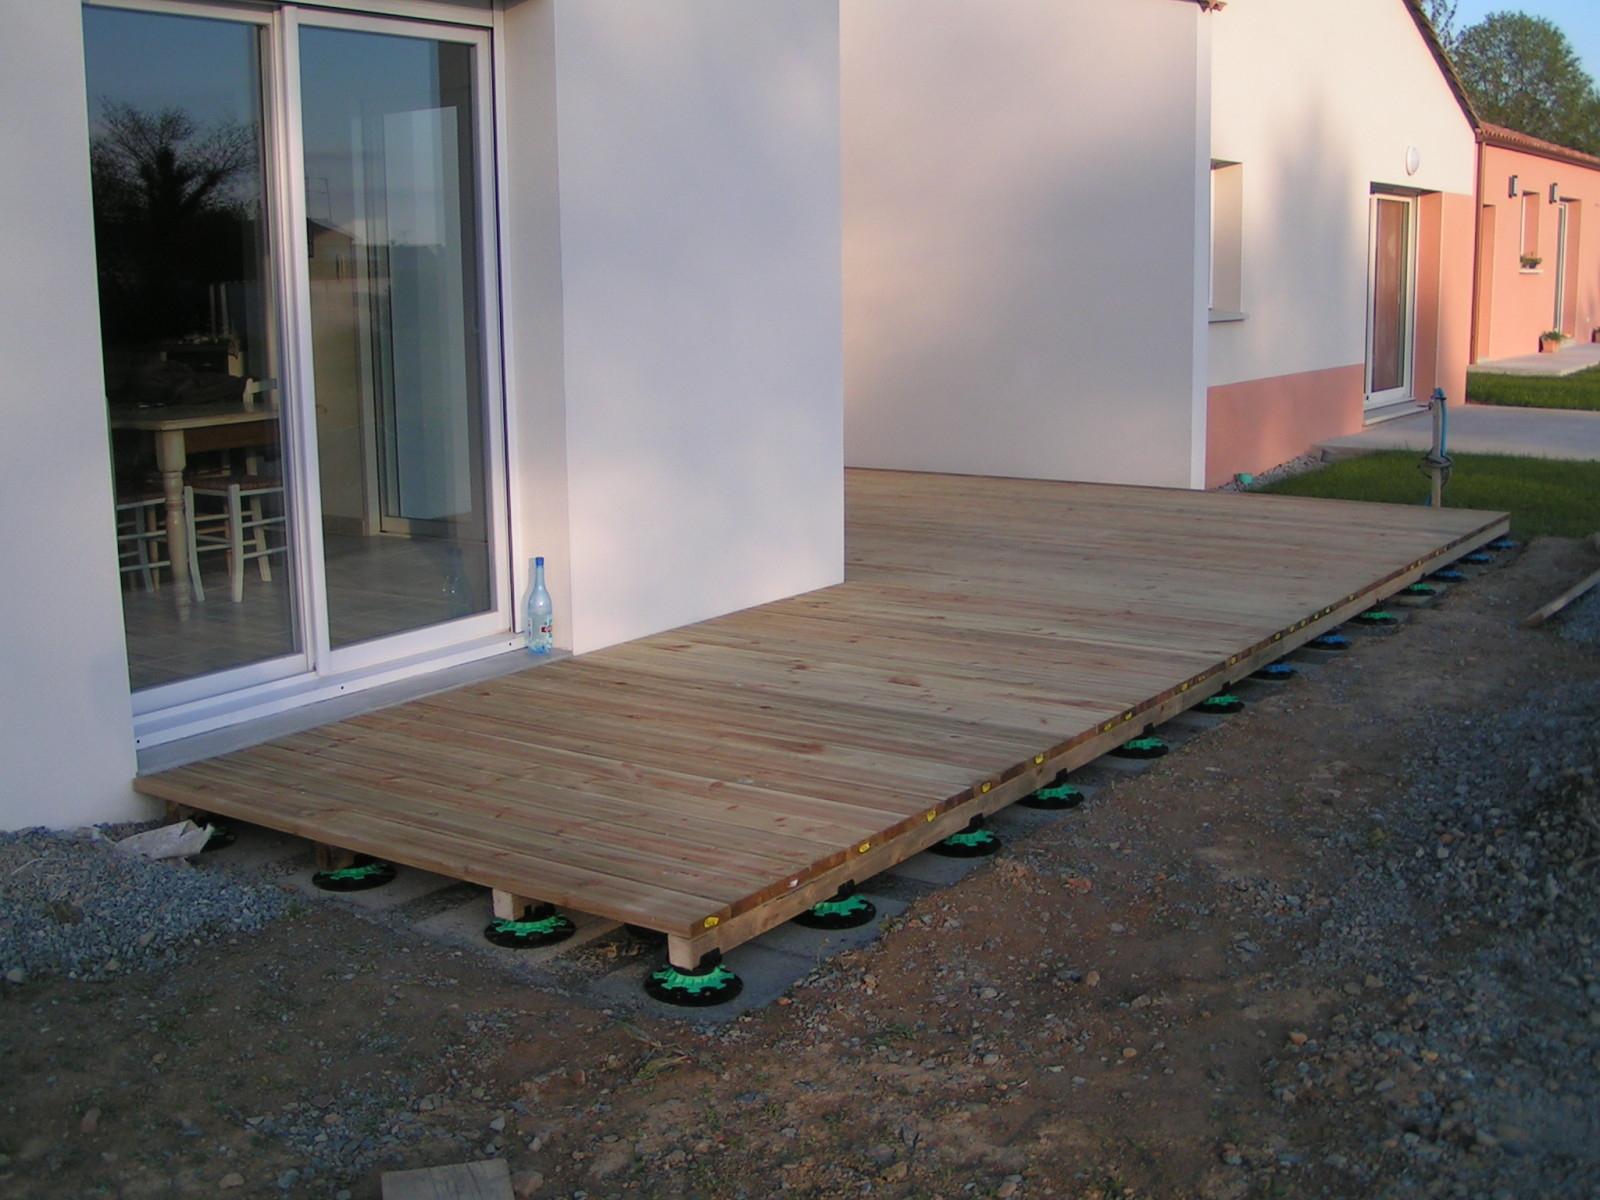 Fabriquer Terrasse En Bois Pas Cher terrasse en bois pas cher revêtement terrasse pas cher quel